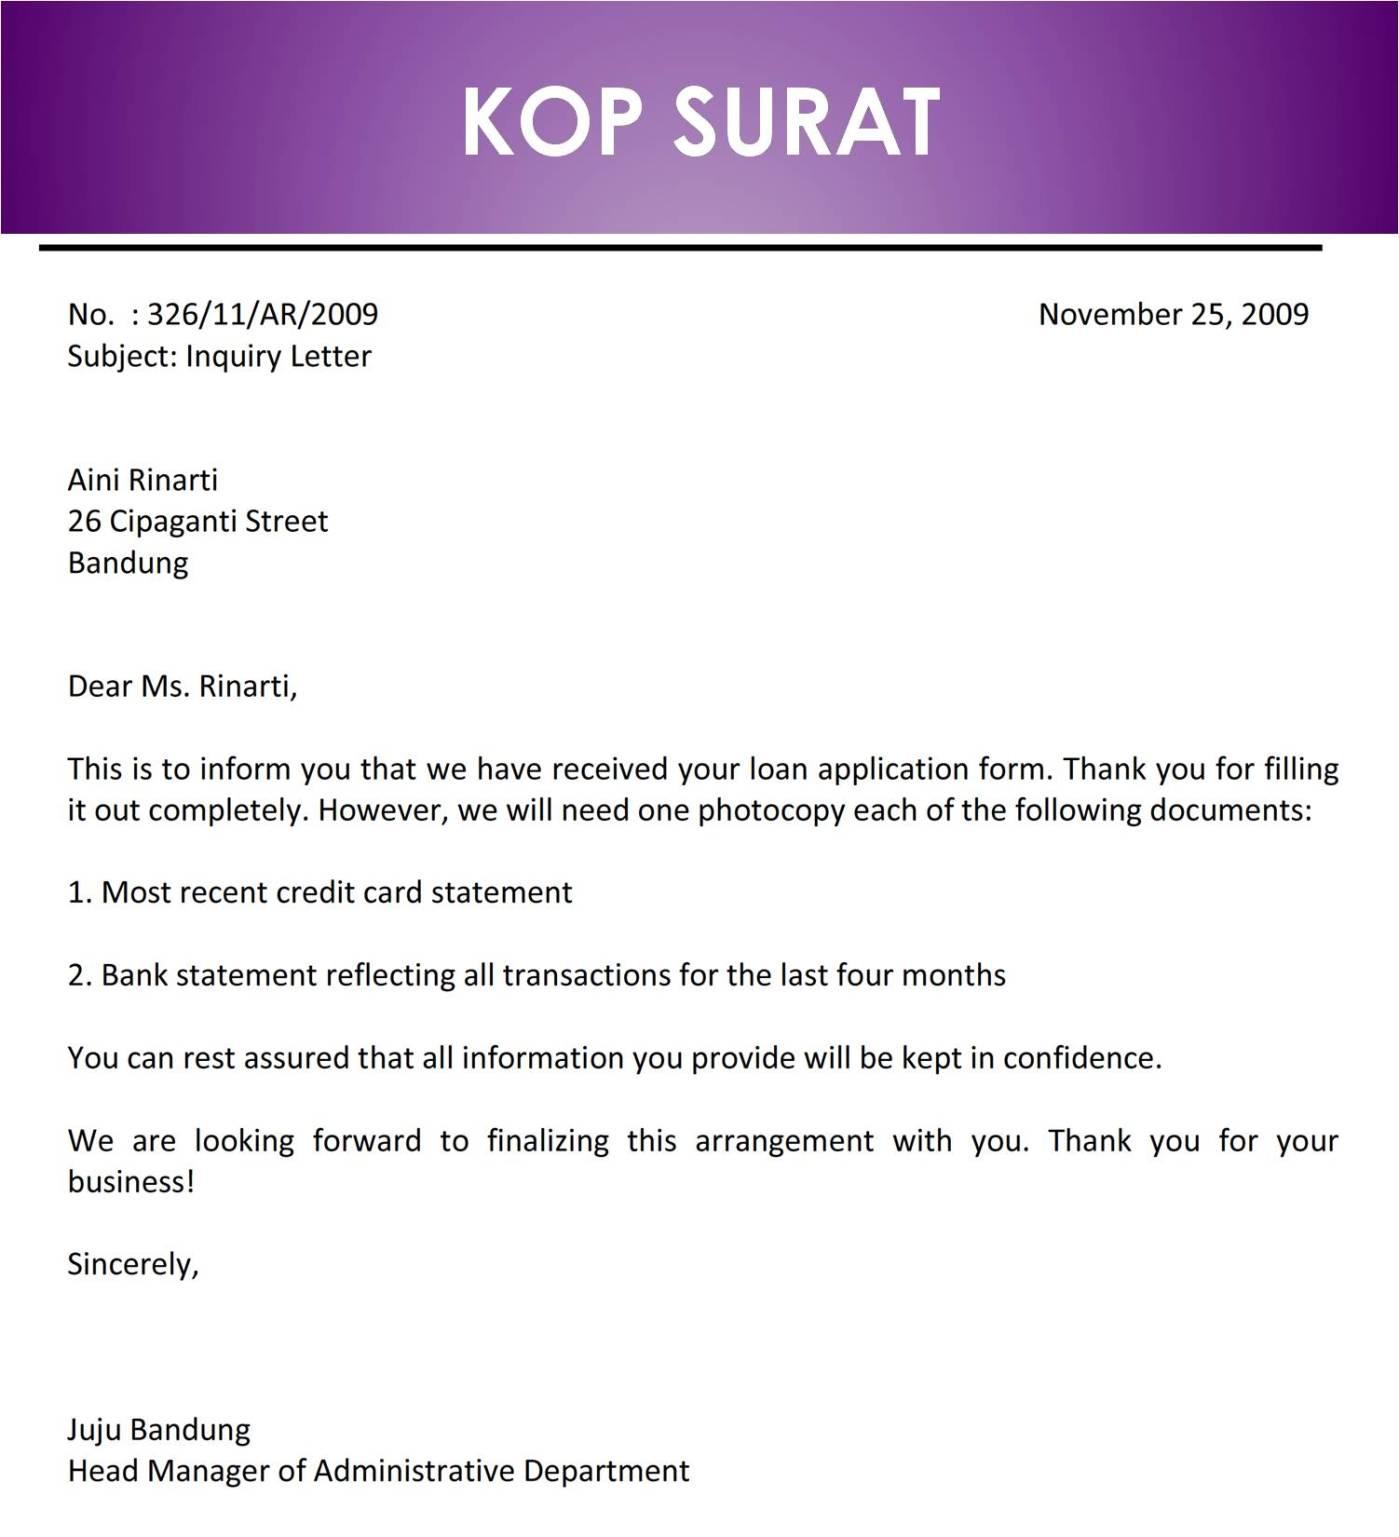 Surat Permintaan Informasi Dari Peserta Kredit Bahasa Inggris Jujubandung